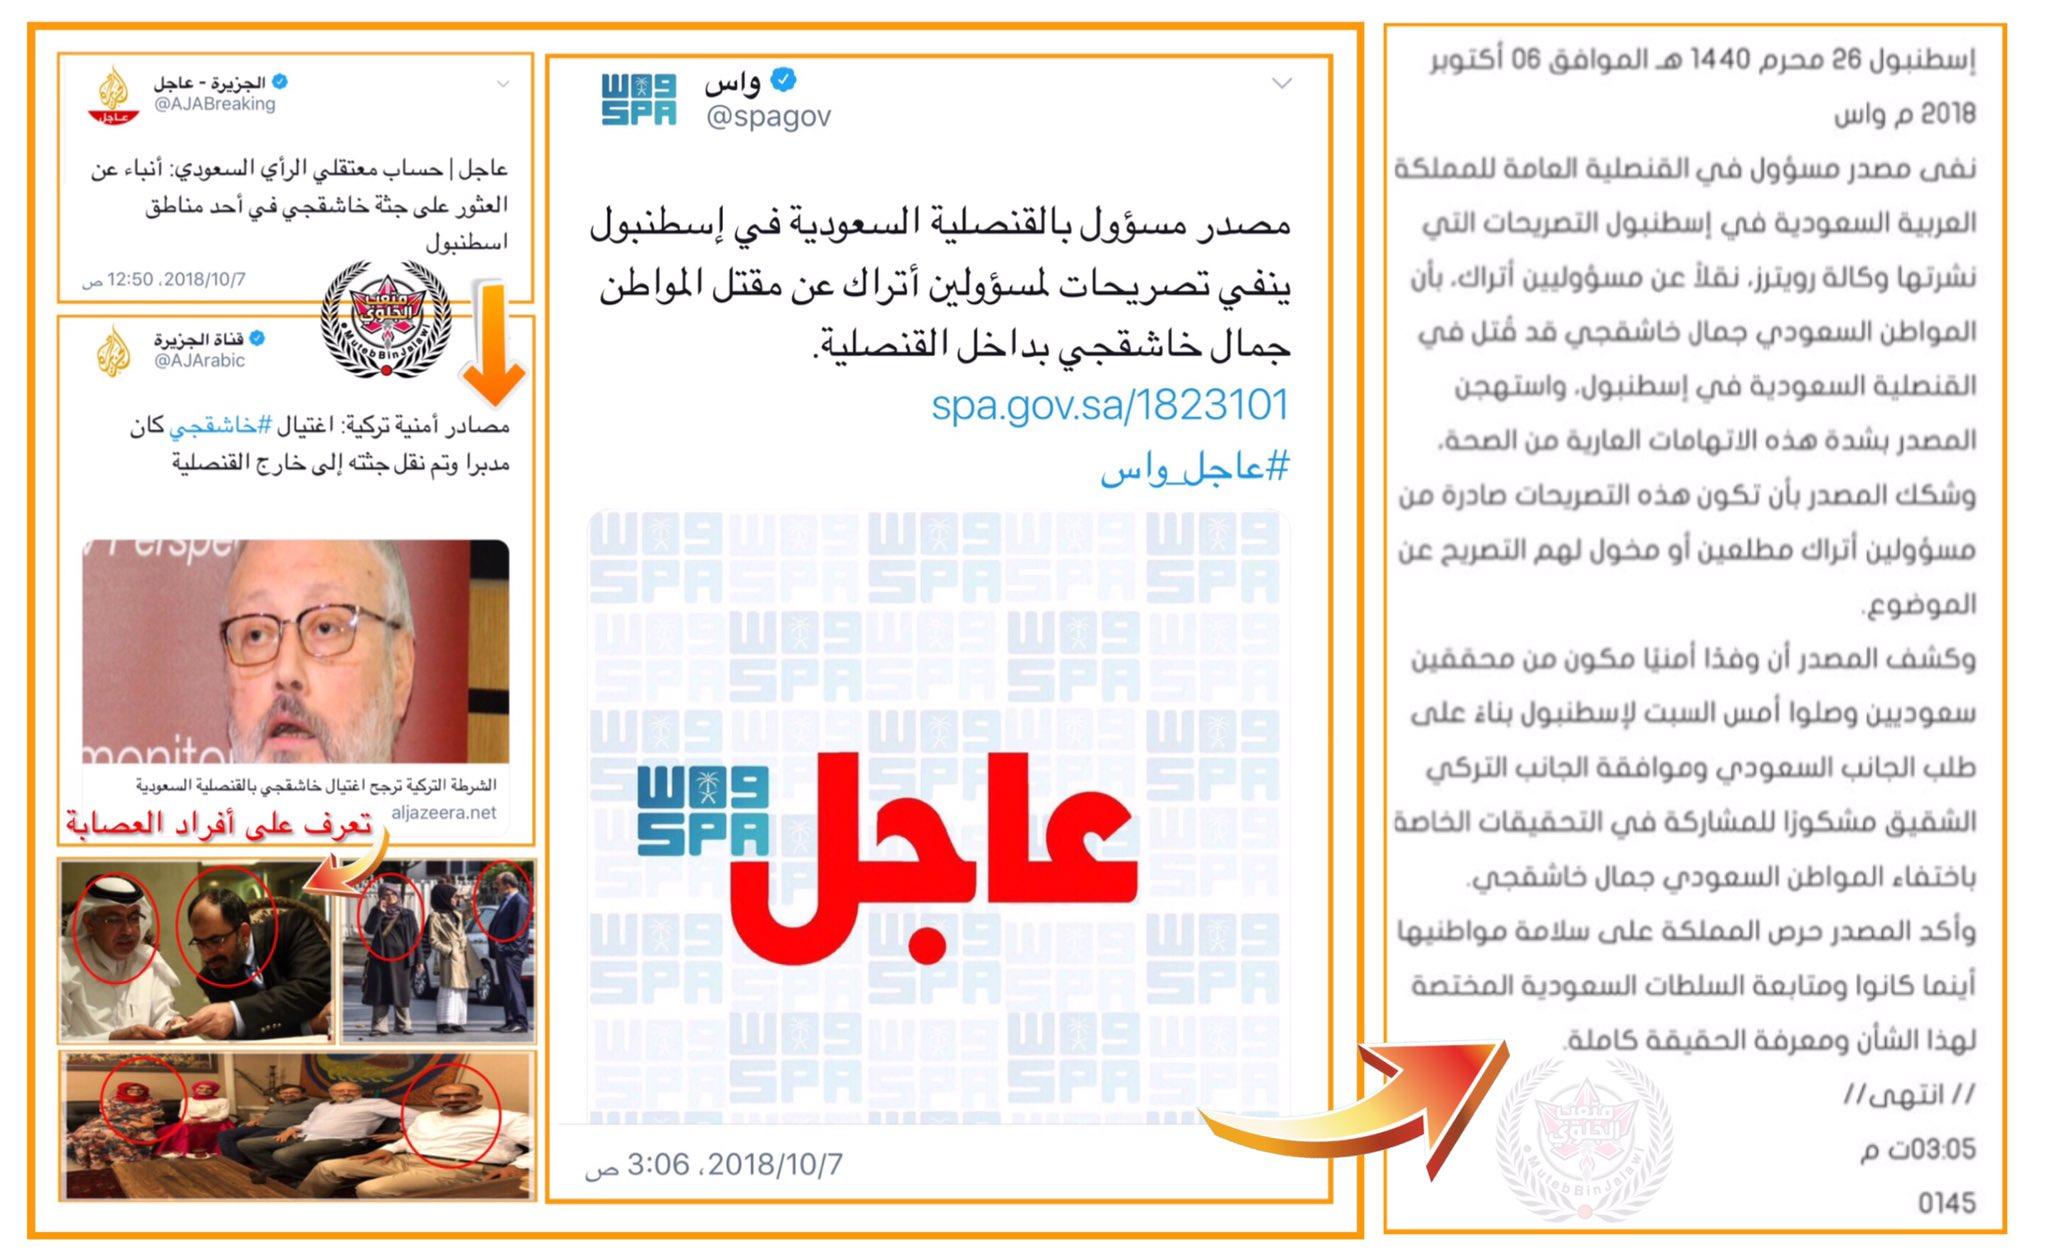 jazeera fake